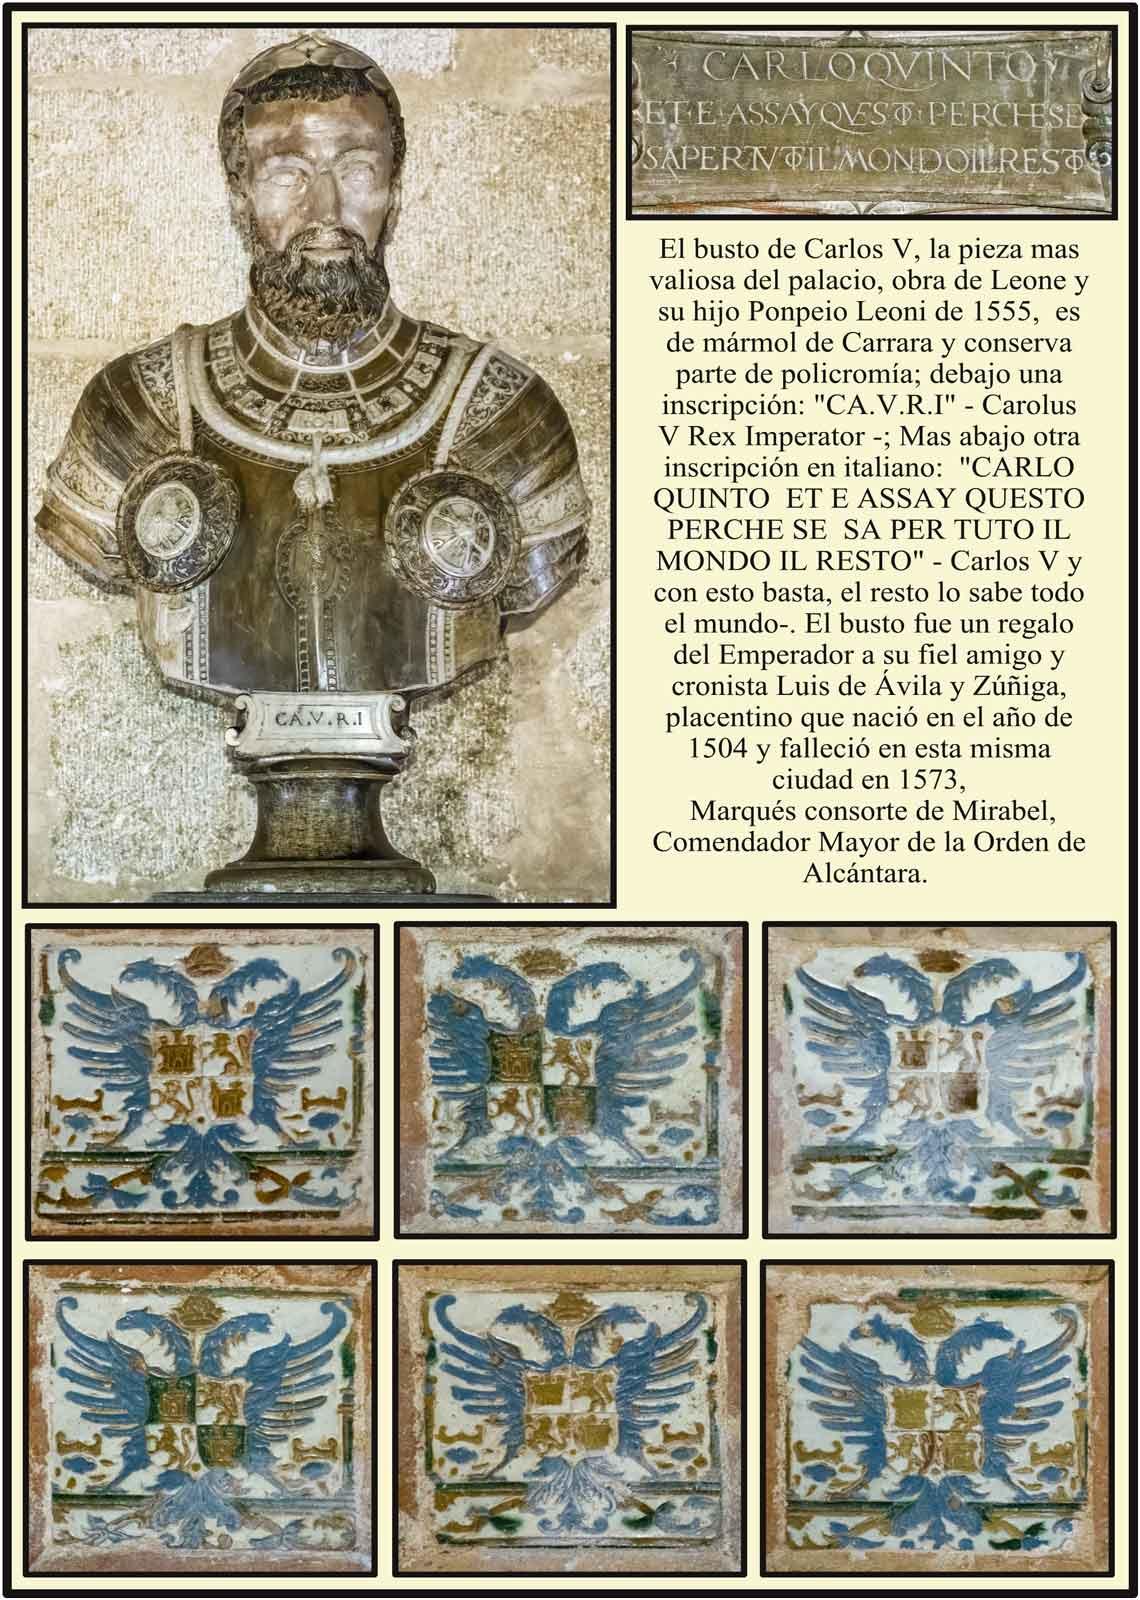 Busto de Carlos V por Leone y Pompeio Leoni en mármol de Carrara